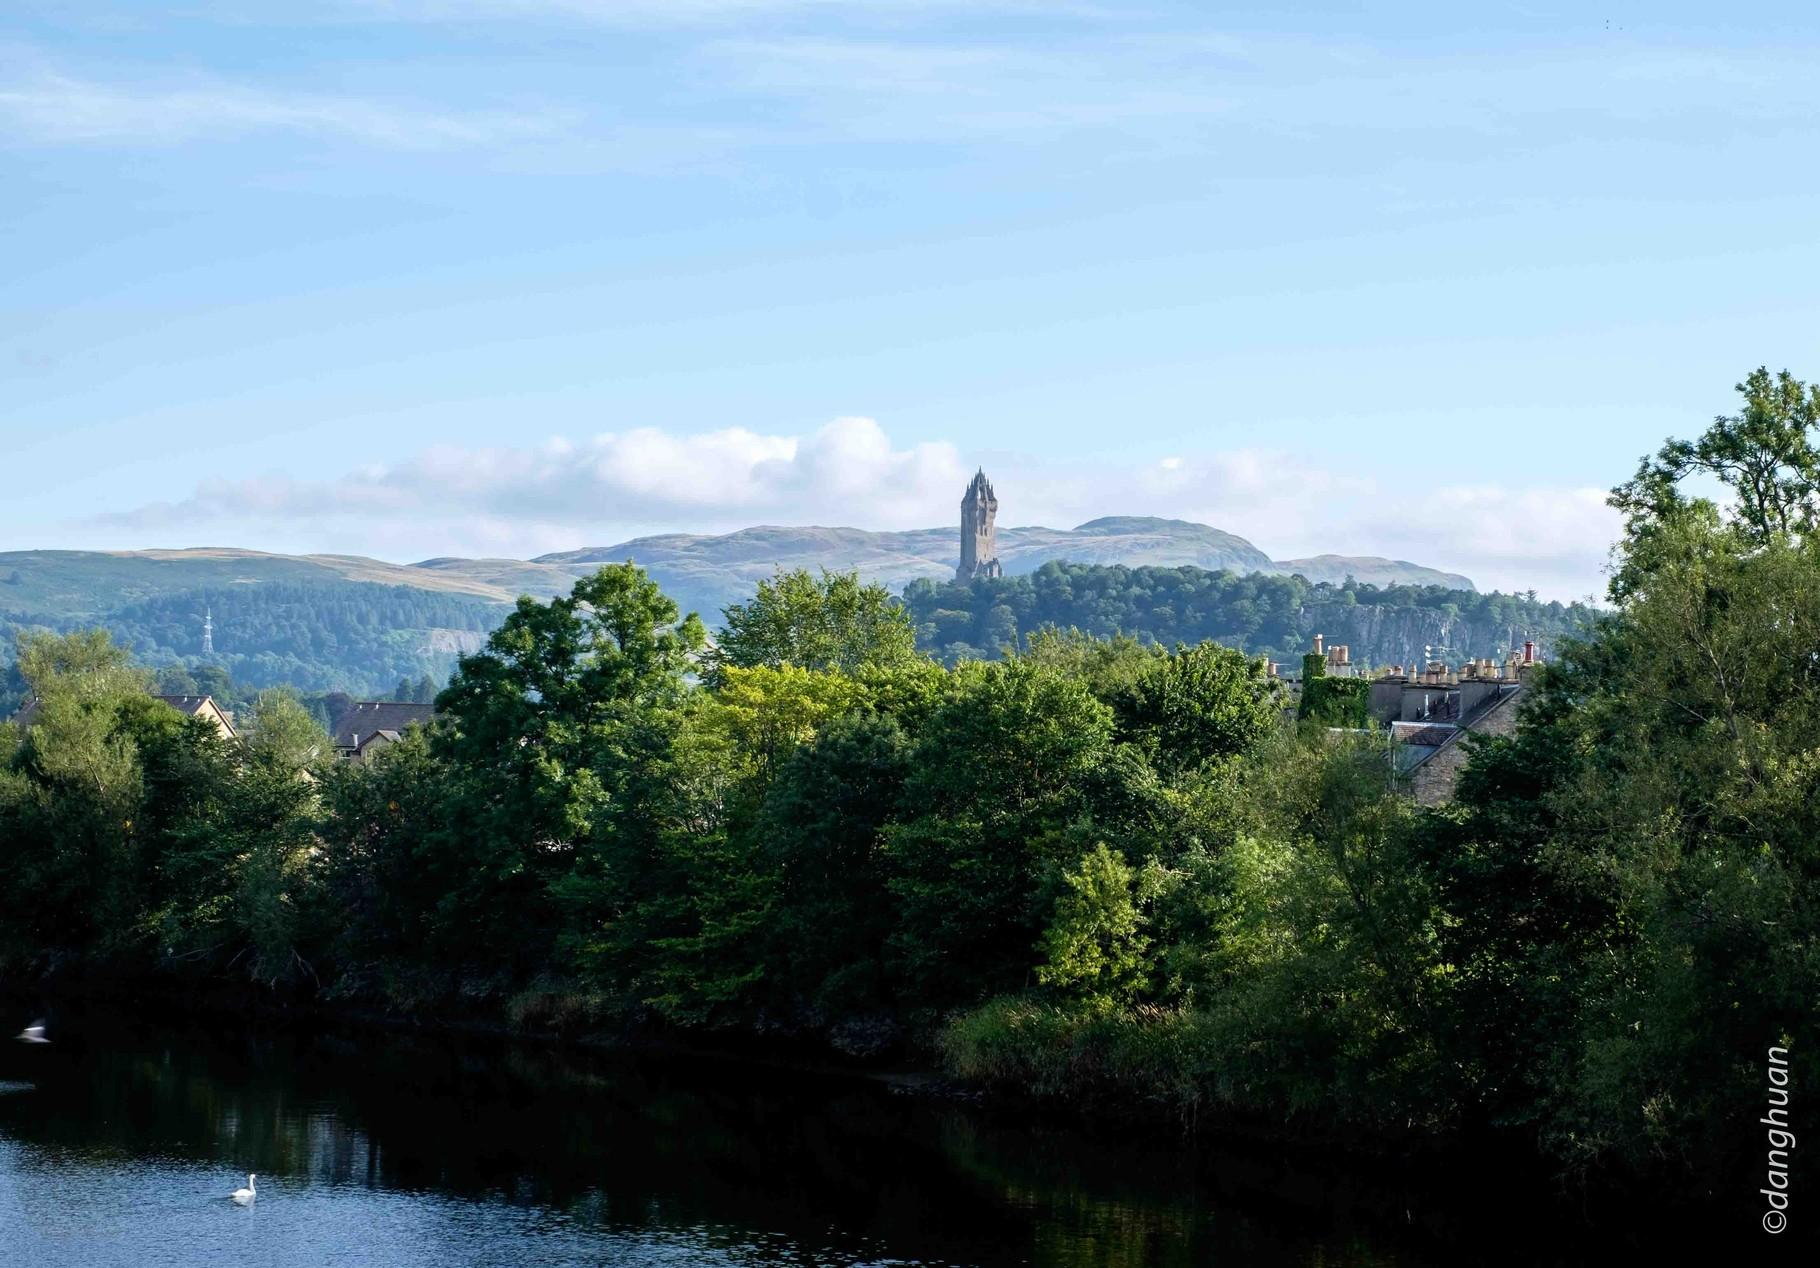 Wallace Monument (67m) à Abbey Craig au loin . Prise de vue depuis le Stirling bridge